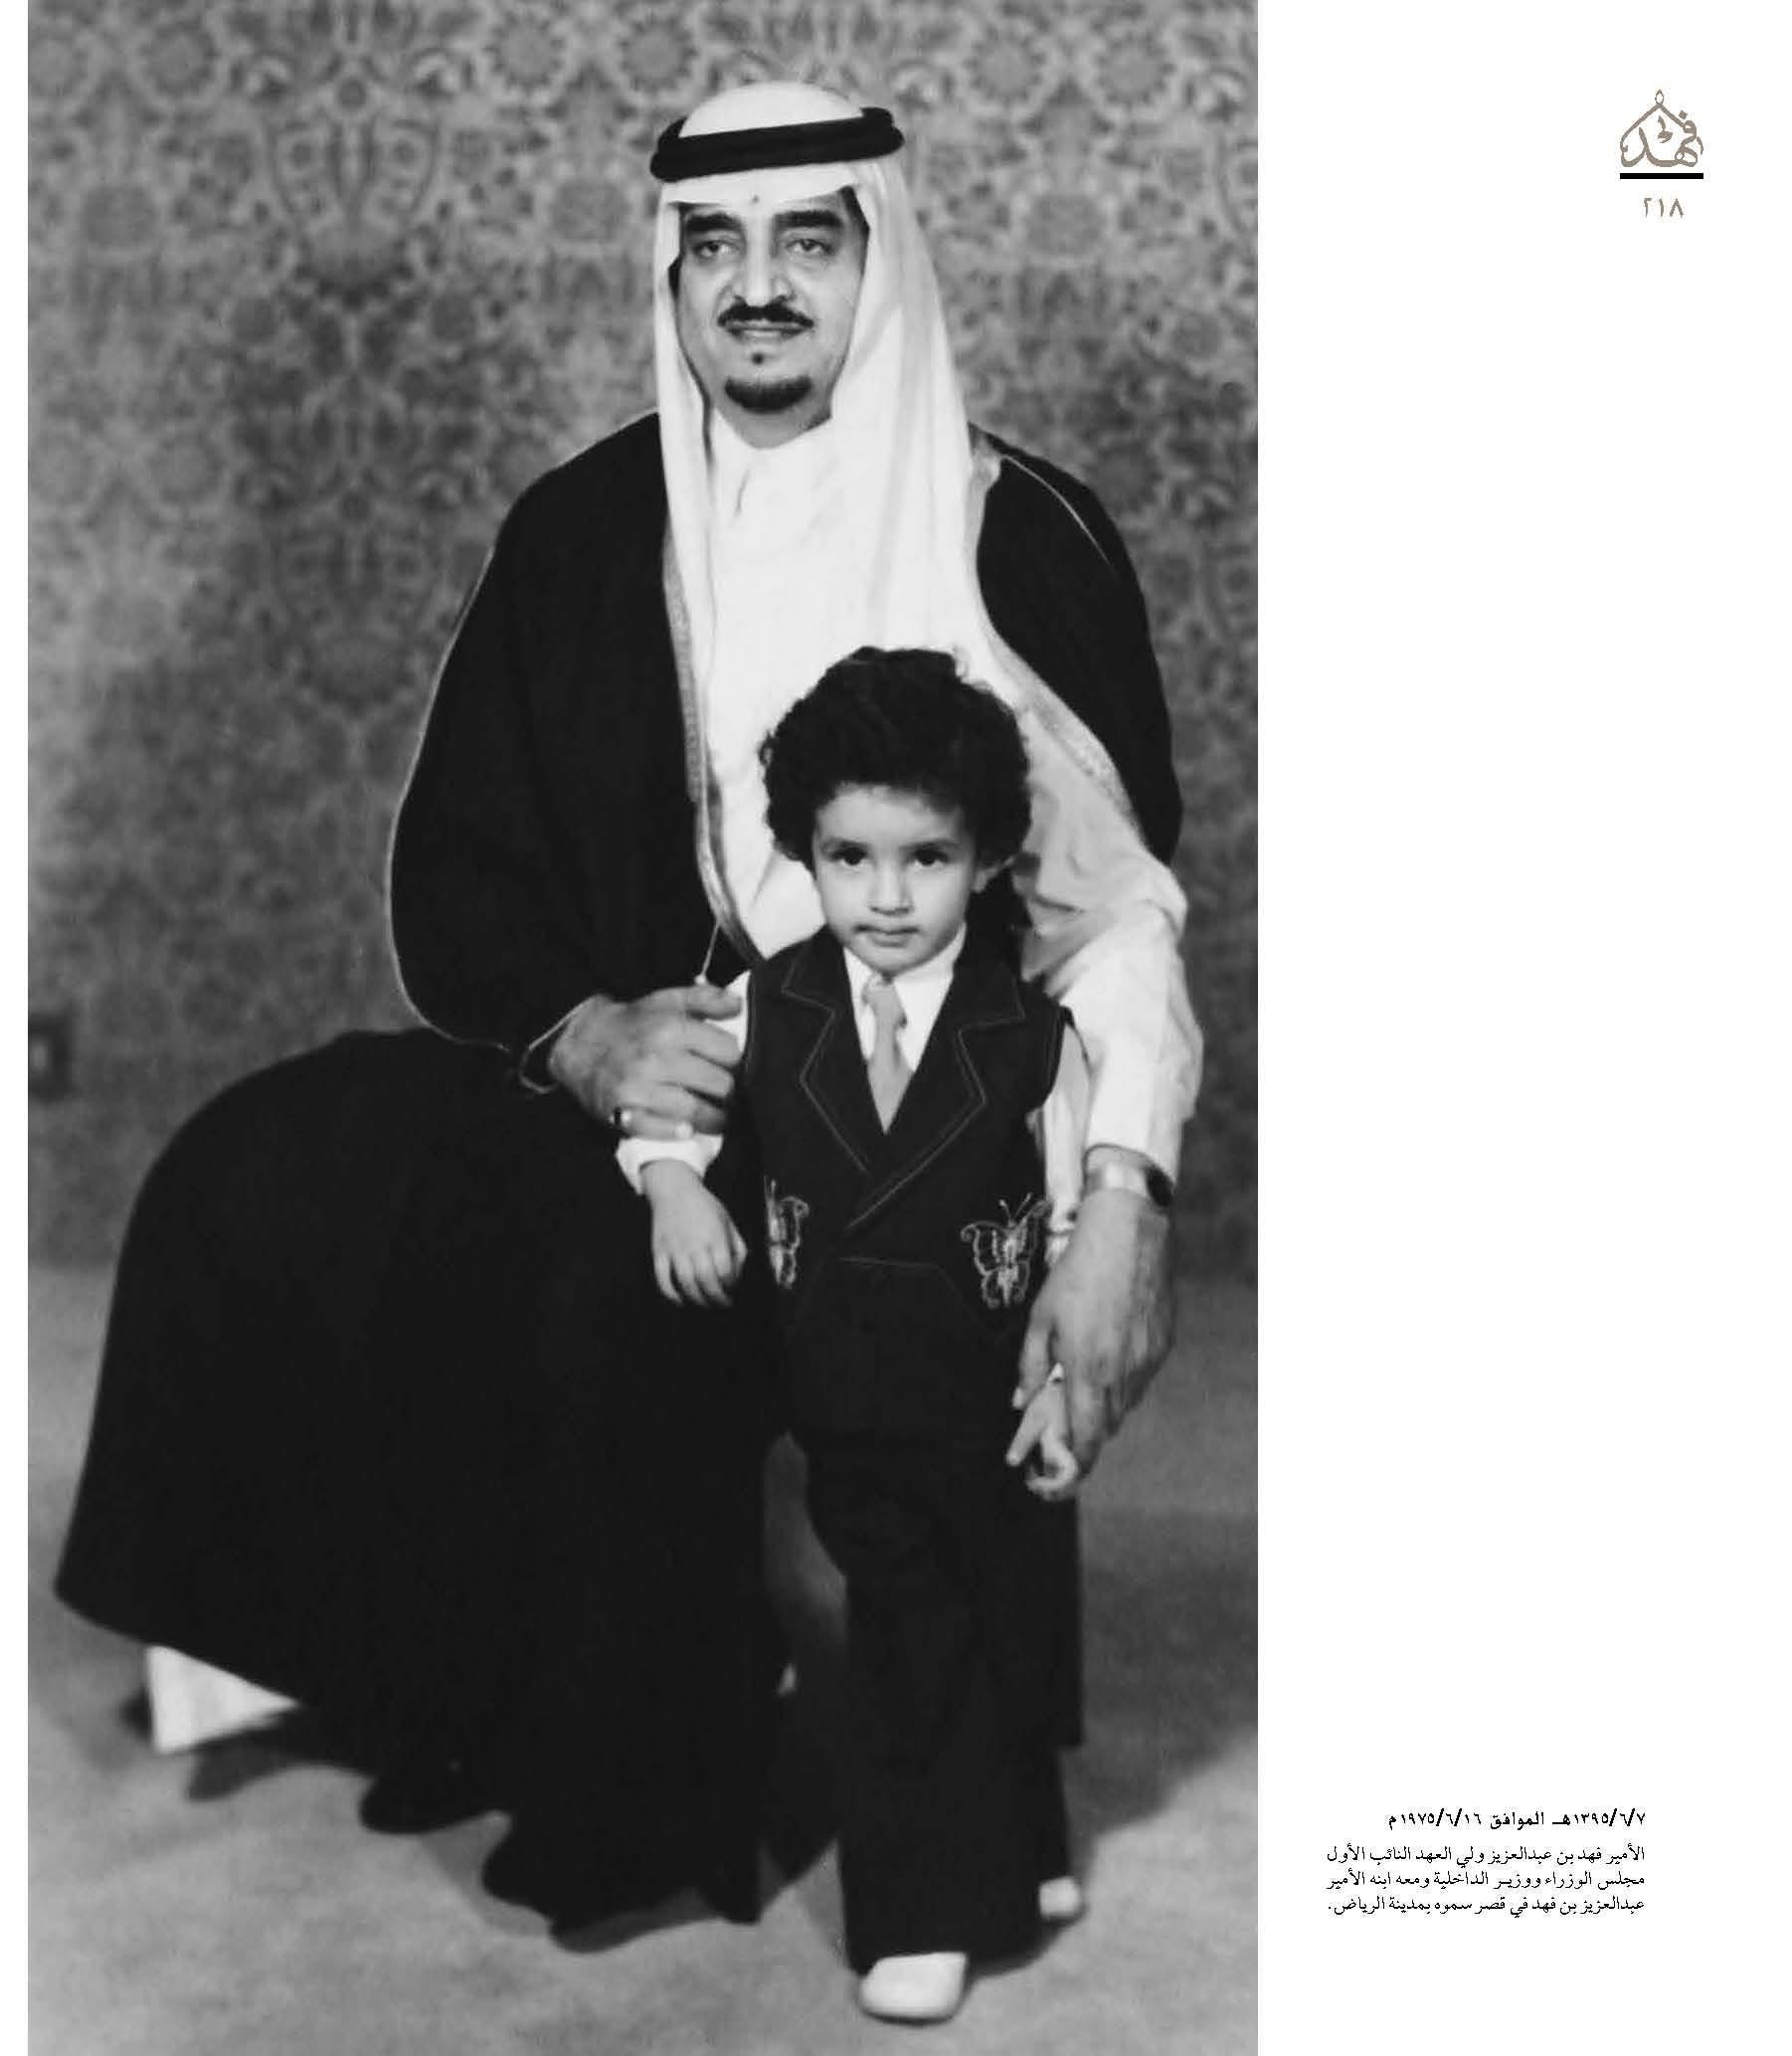 """صور نادرة للملك فهد في """"كتاب"""" Ff92feca-072e-4da8-bf95-9de2b7147dc9"""